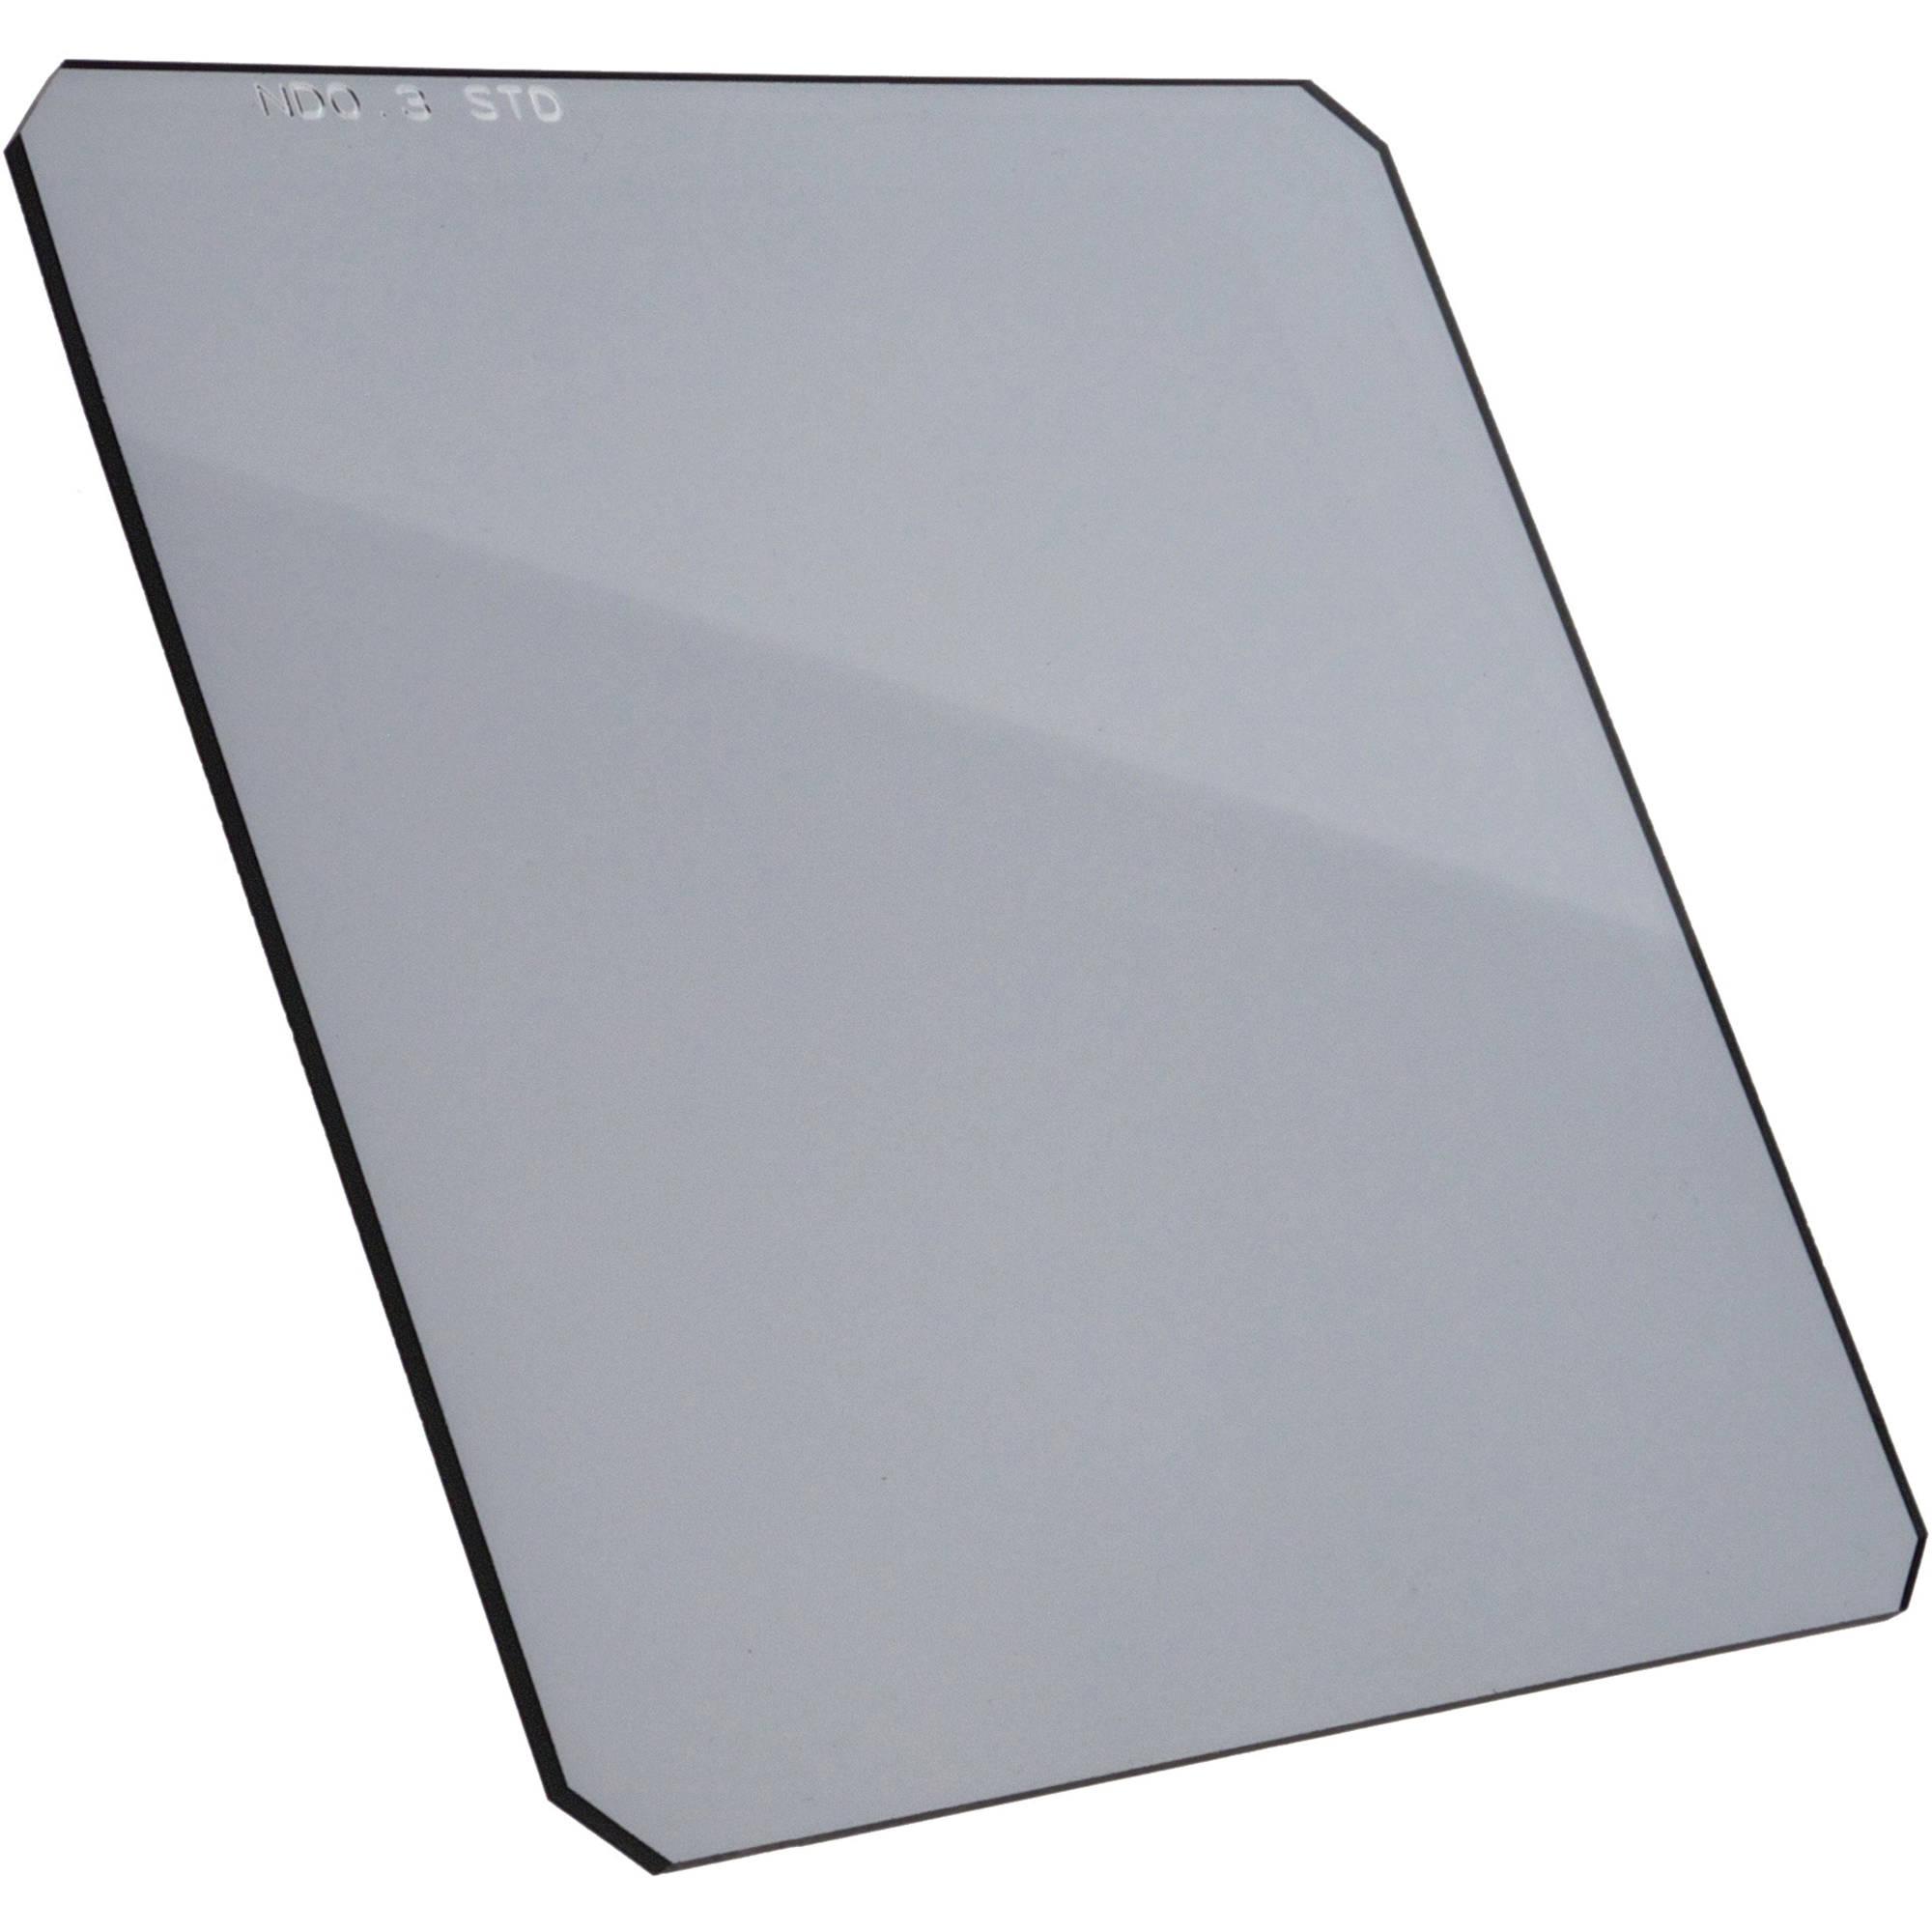 Formatt-Hitech 100x100mm 0.2 (2/3 Stop) Neutral Density